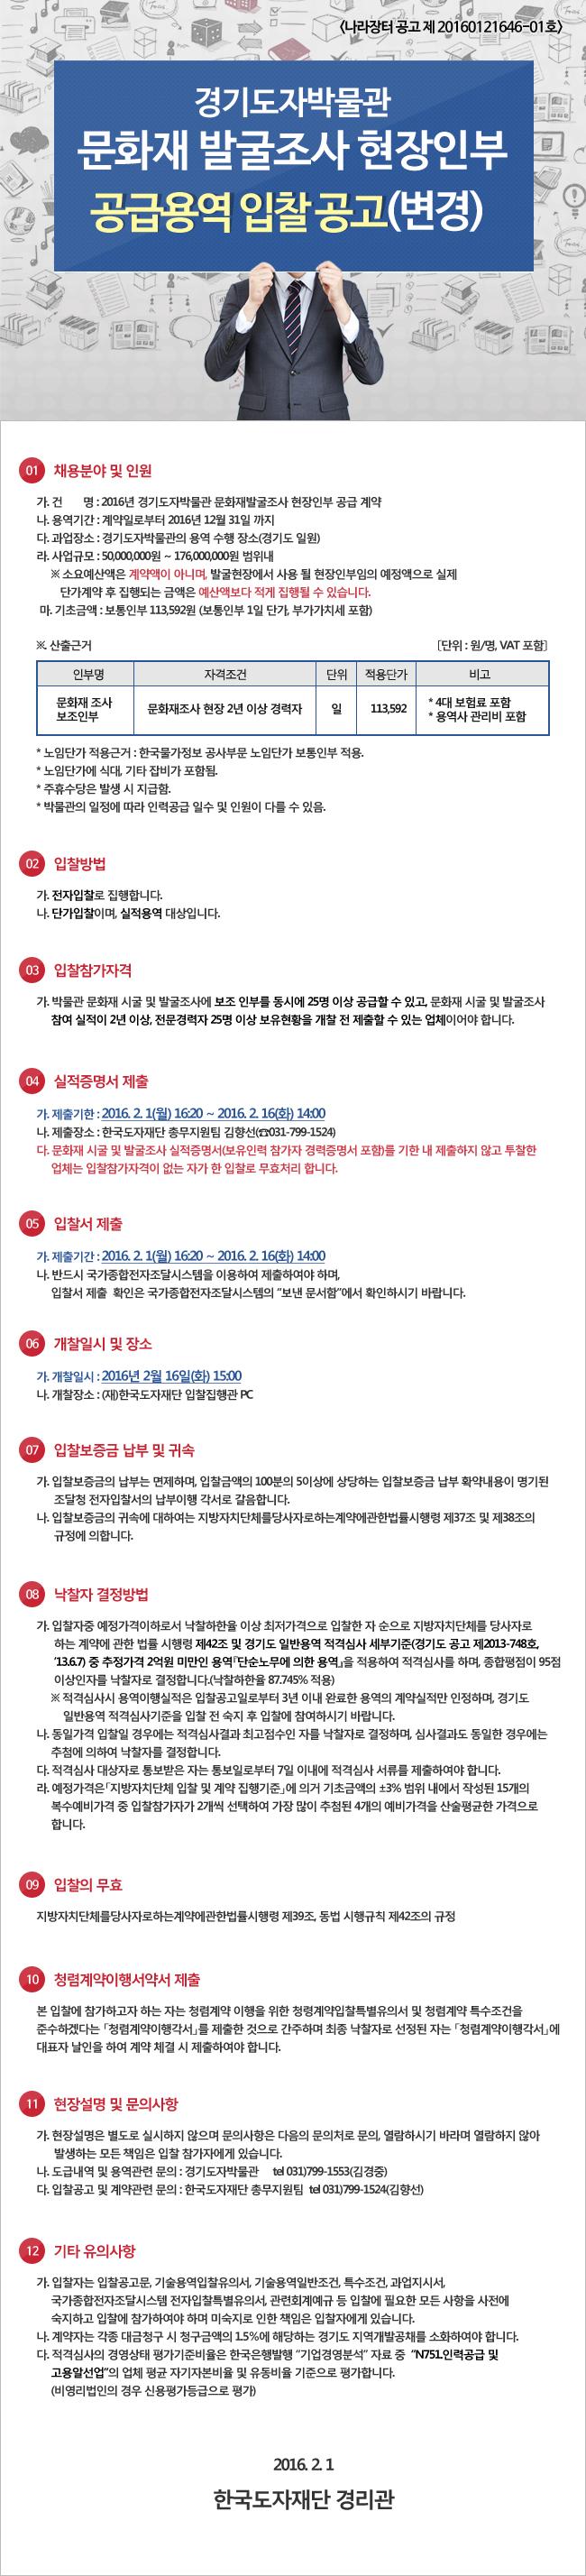 경기도자박물관 문화재 발굴조사 현장인부 공급용역 입찰 공고(변경)